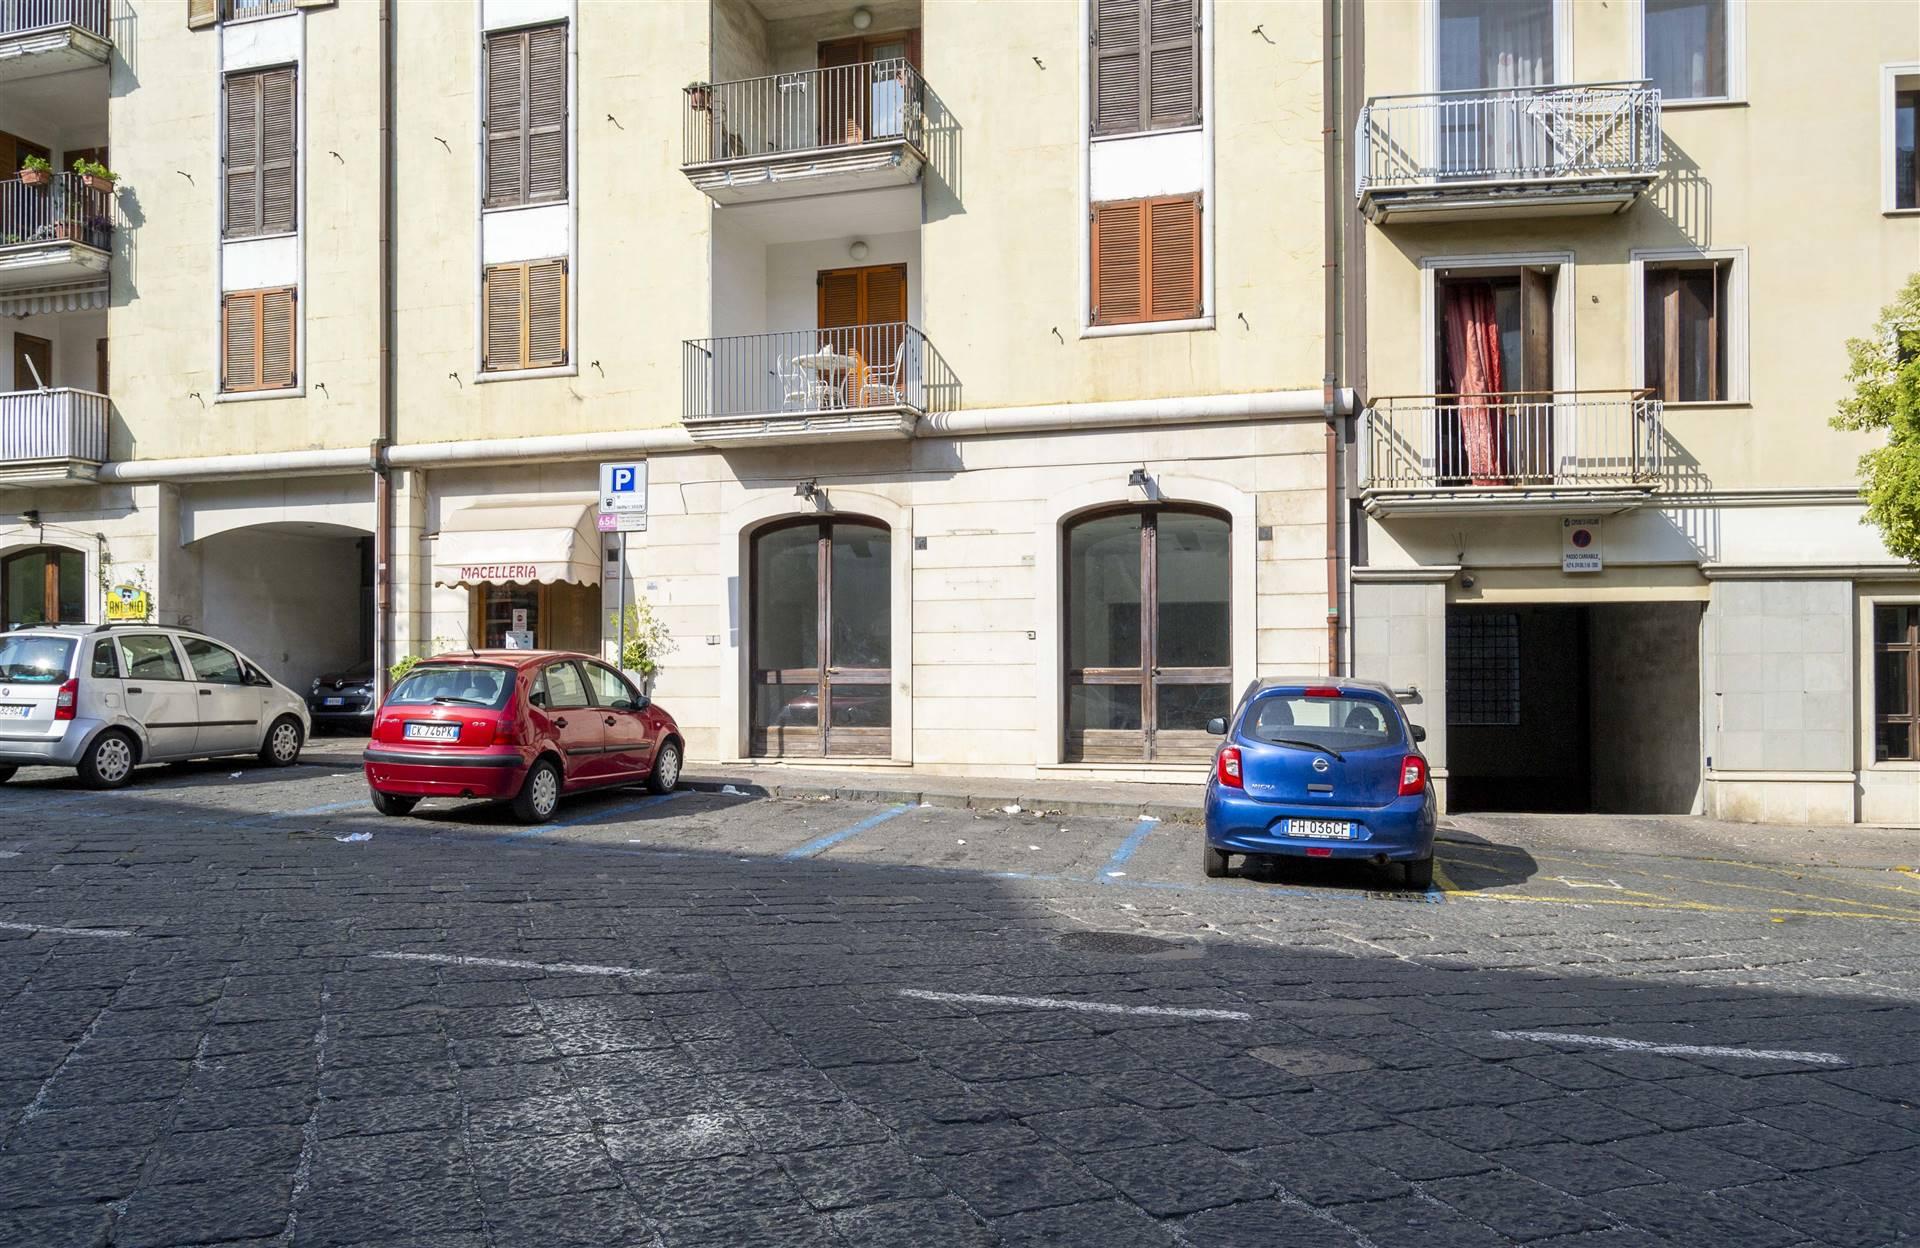 Immobile Commerciale in affitto a Avellino, 1 locali, zona Località: CORSO UMBERTO, prezzo € 700 | CambioCasa.it